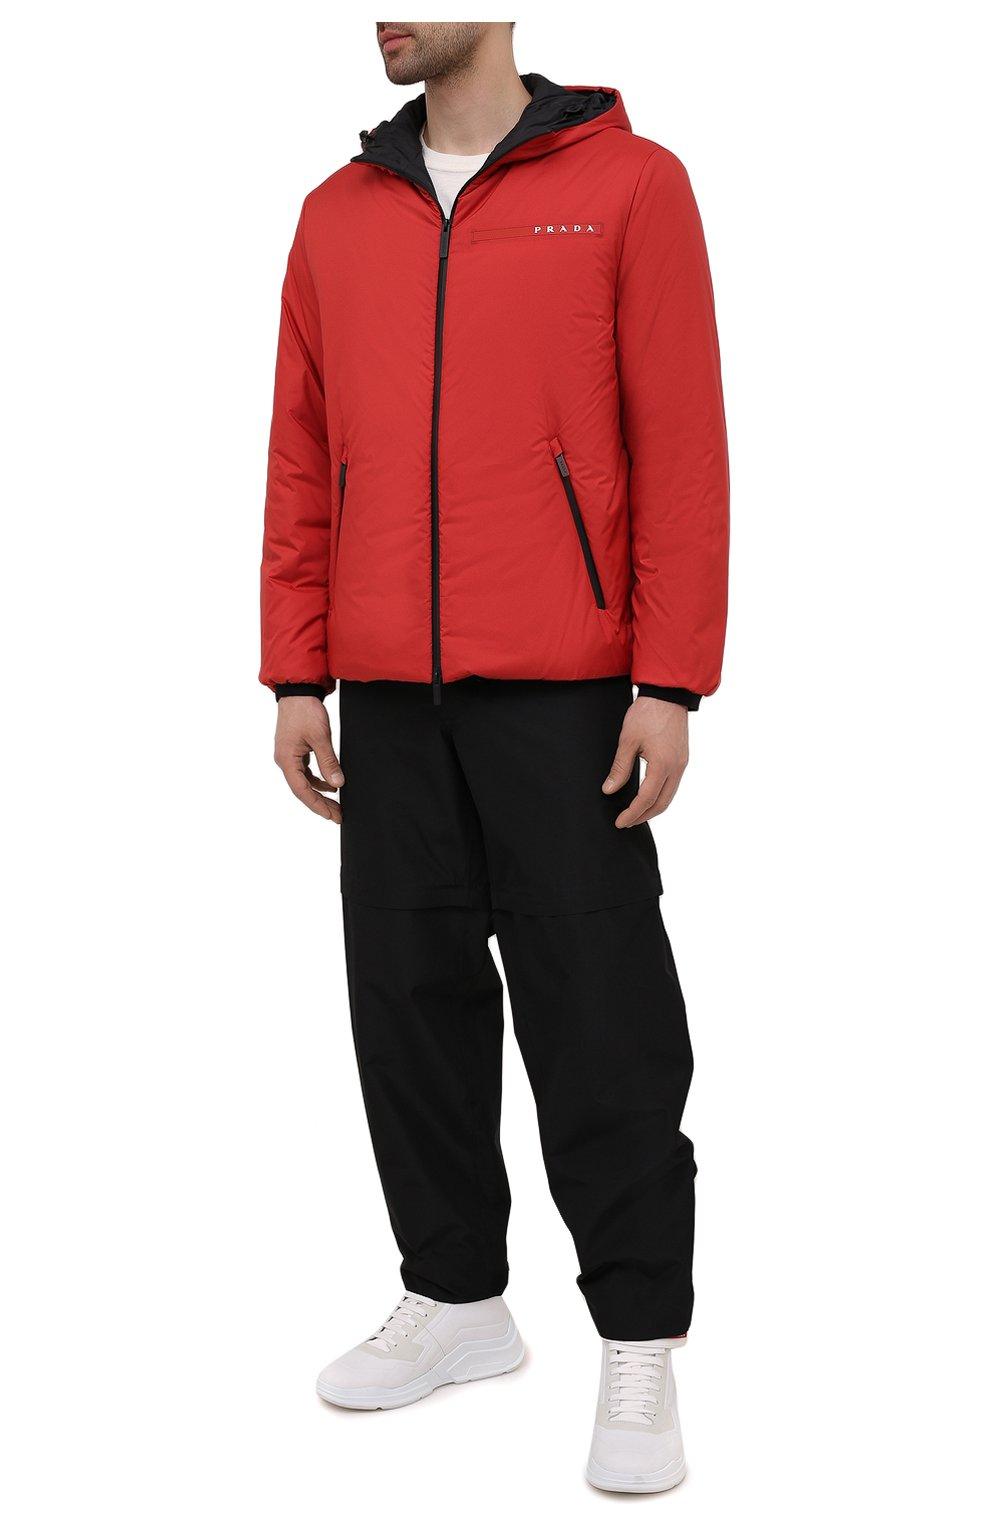 Мужская утепленная куртка PRADA красного цвета, арт. SGB296-1XYW-F0011-192   Фото 2 (Кросс-КТ: Куртка; Мужское Кросс-КТ: пуховик-короткий; Рукава: Длинные; Материал внешний: Синтетический материал; Длина (верхняя одежда): Короткие; Стили: Кэжуэл)